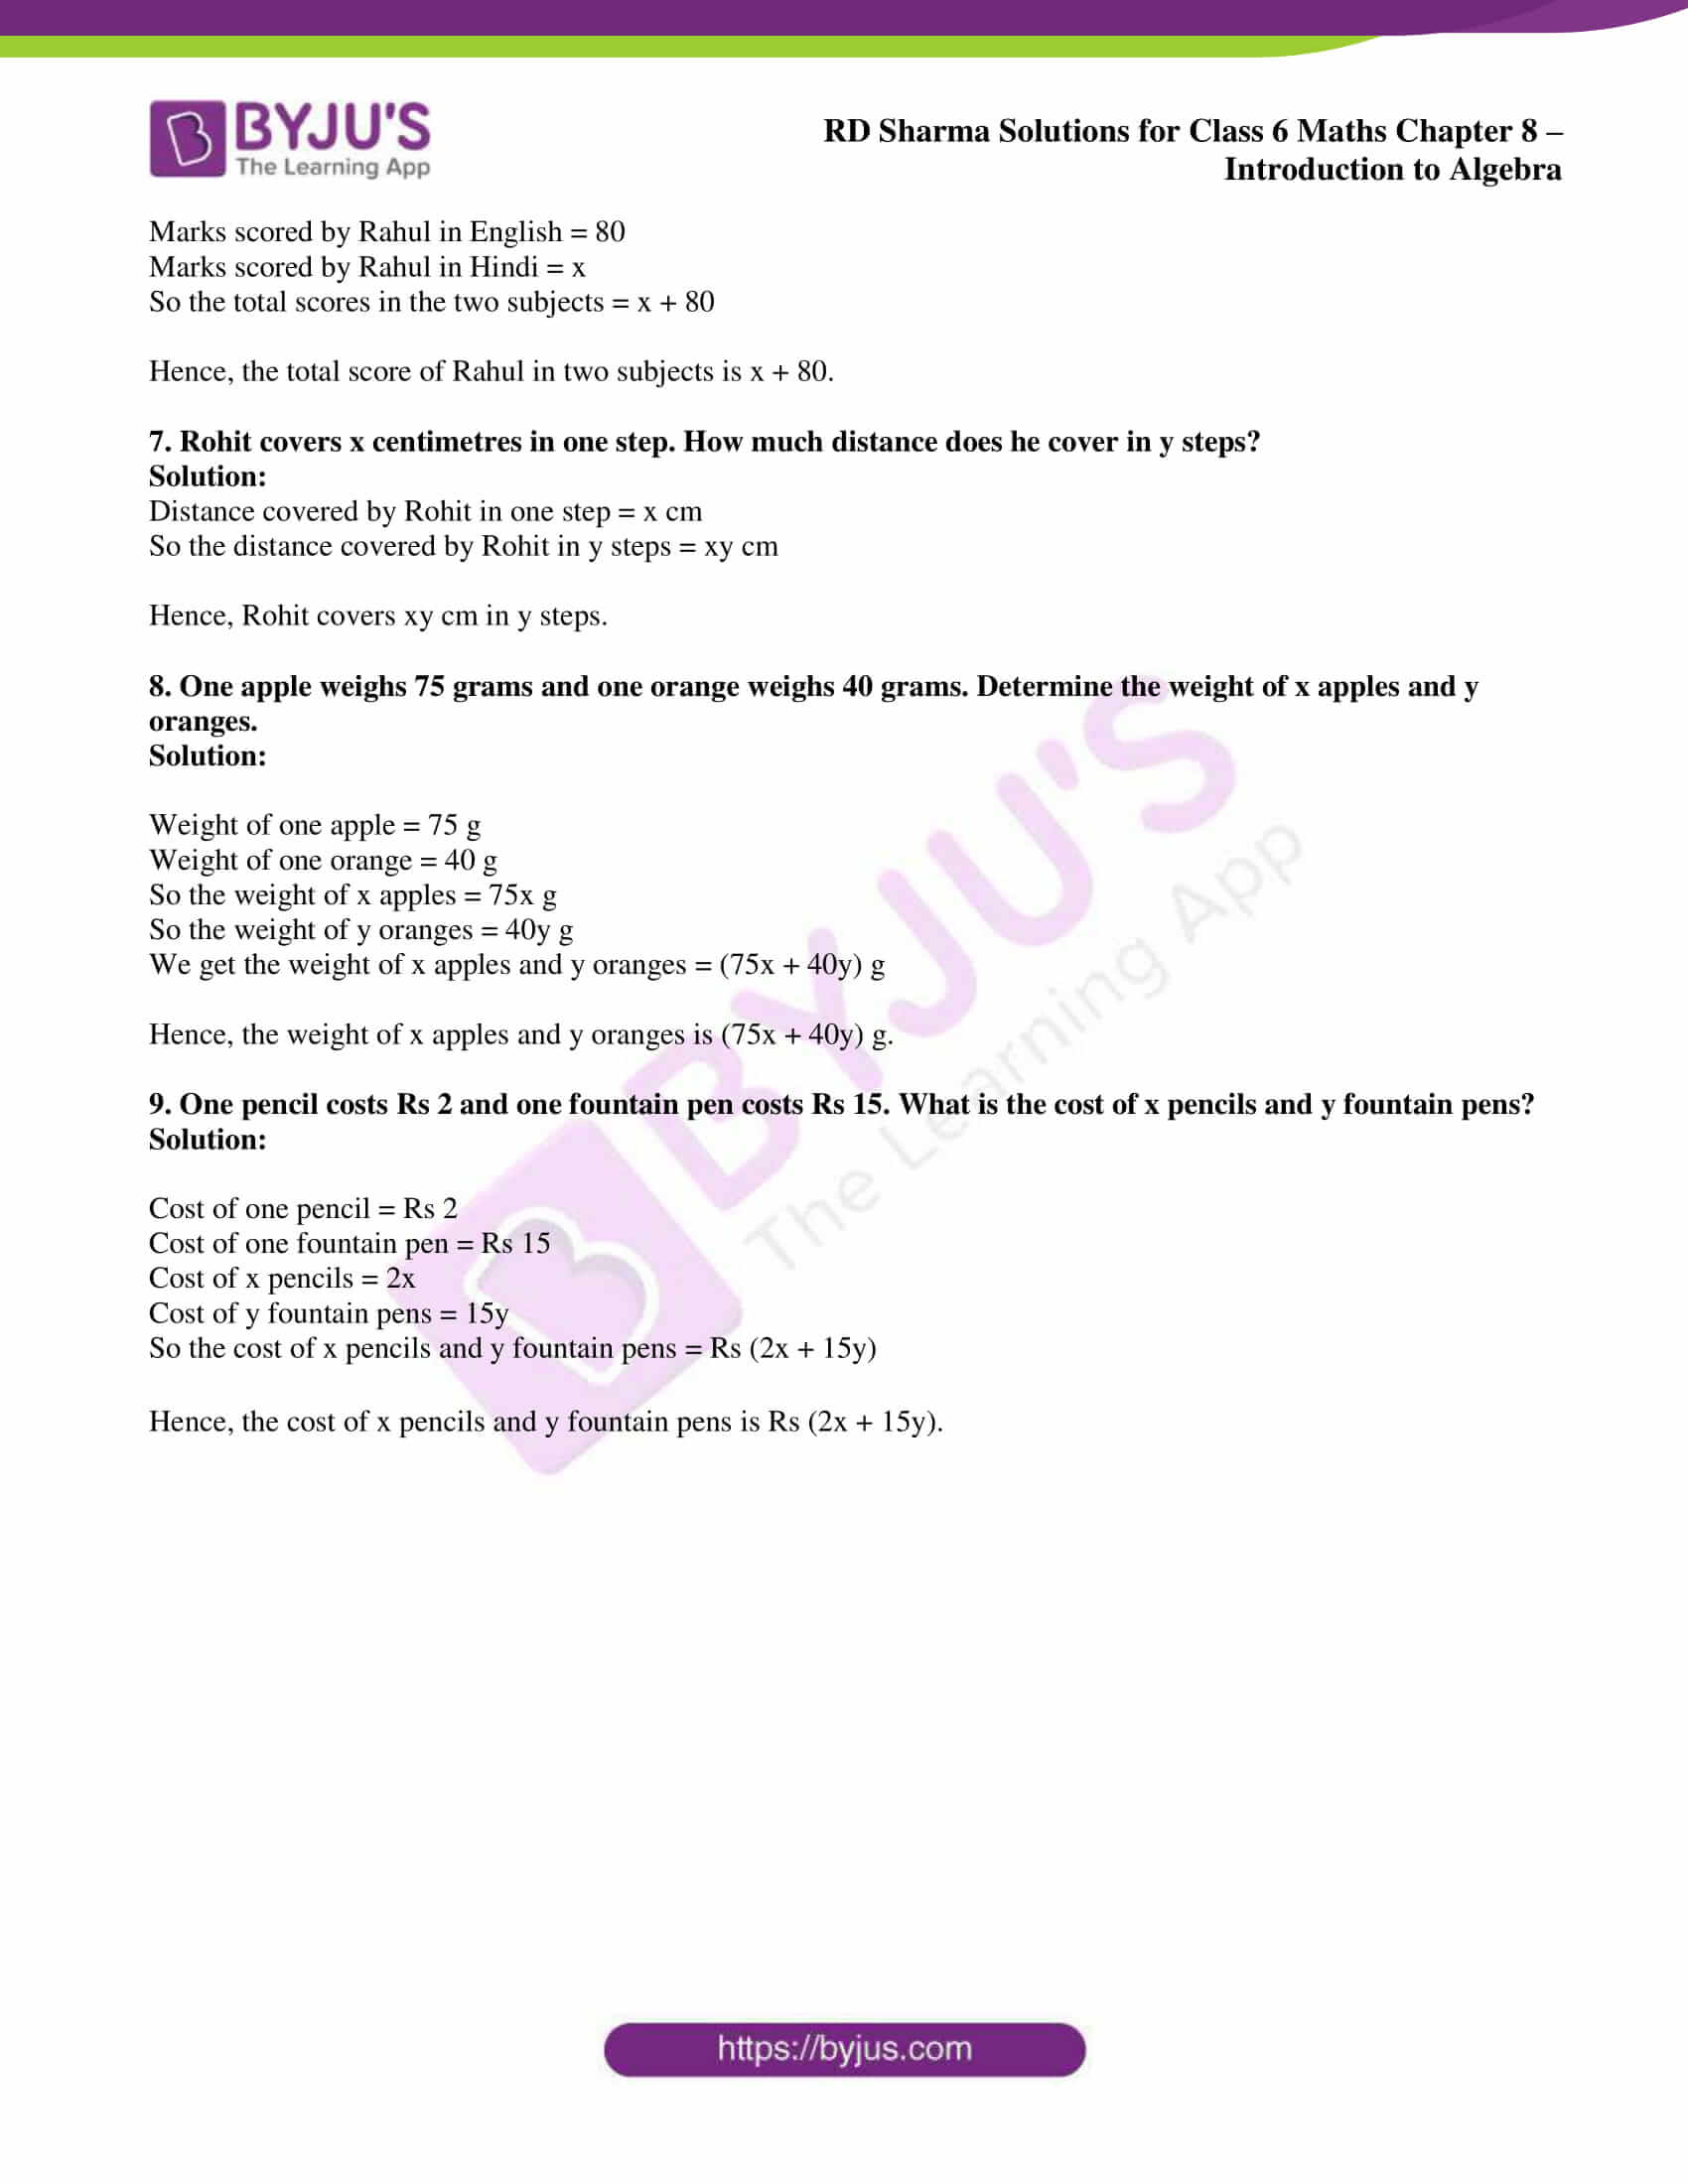 rd sharma class 6 maths solutions chapter 8 ex 1 3